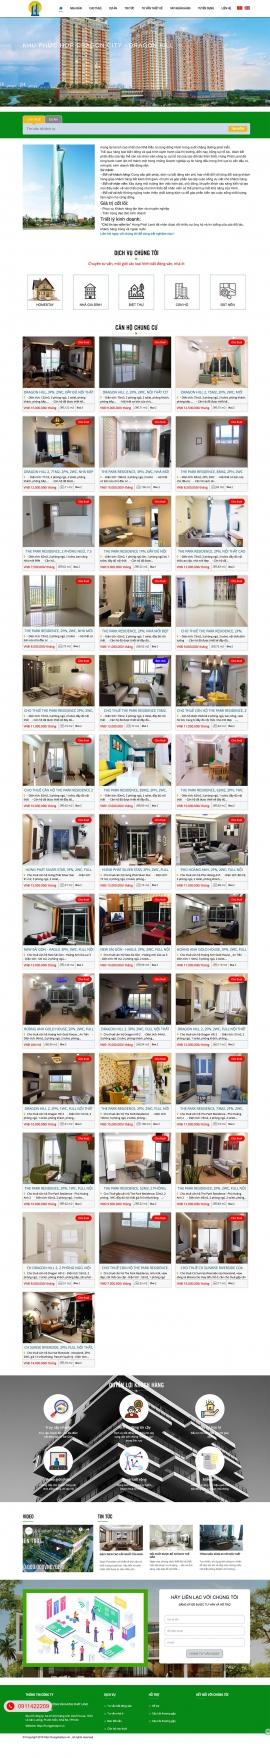 Mẫu website căn hộ cho thuê 13492